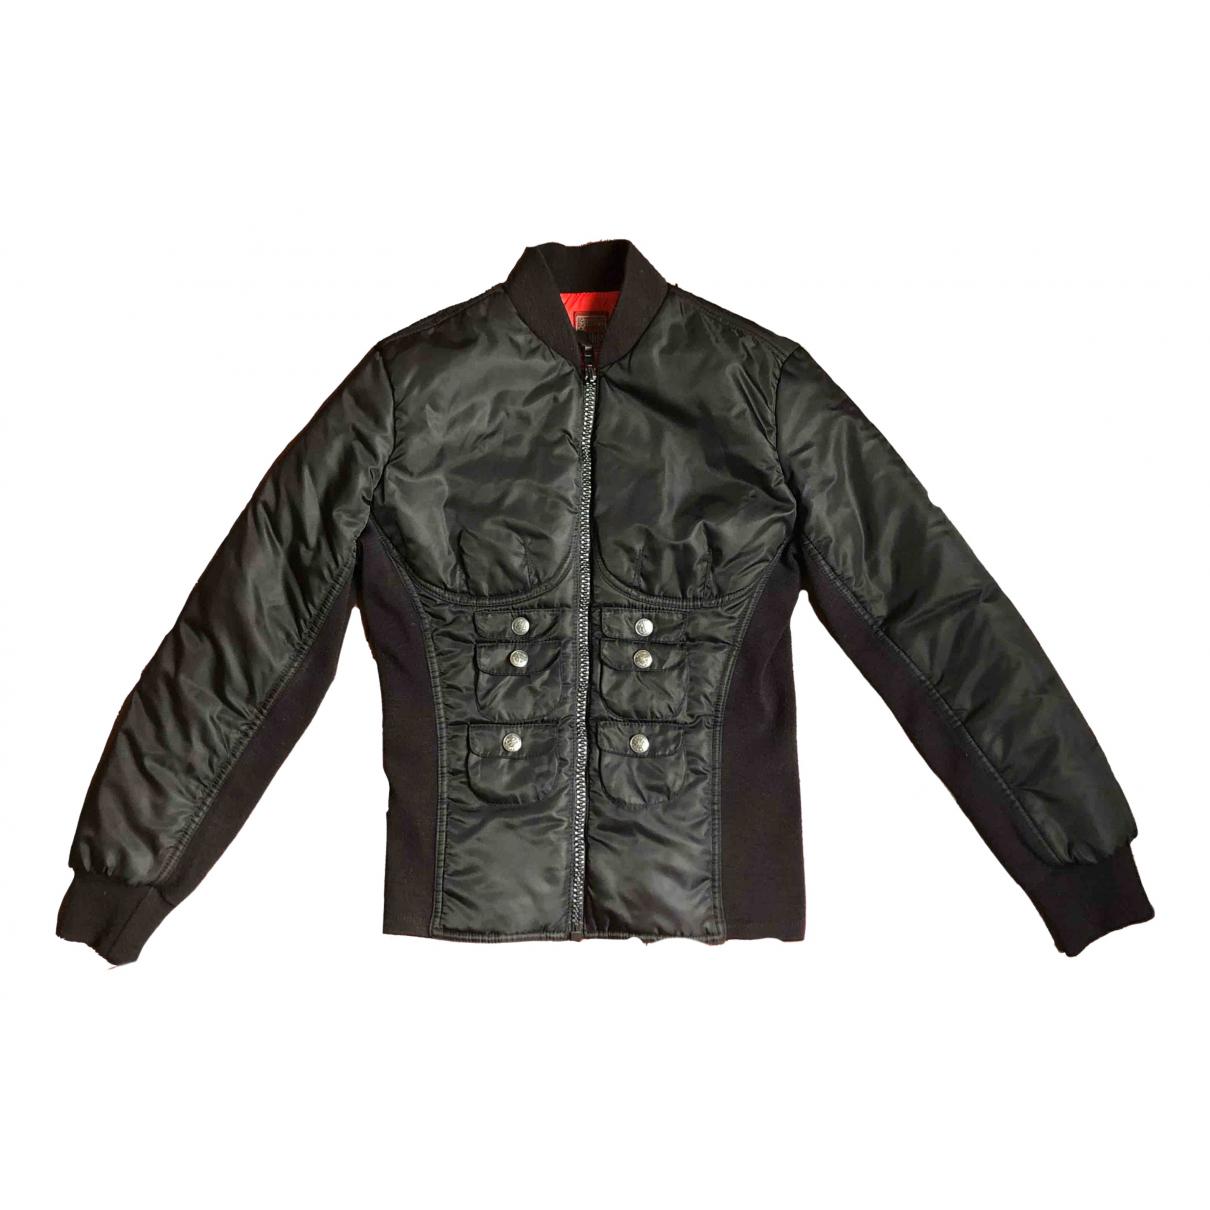 Jean Paul Gaultier \N Black jacket for Women M International